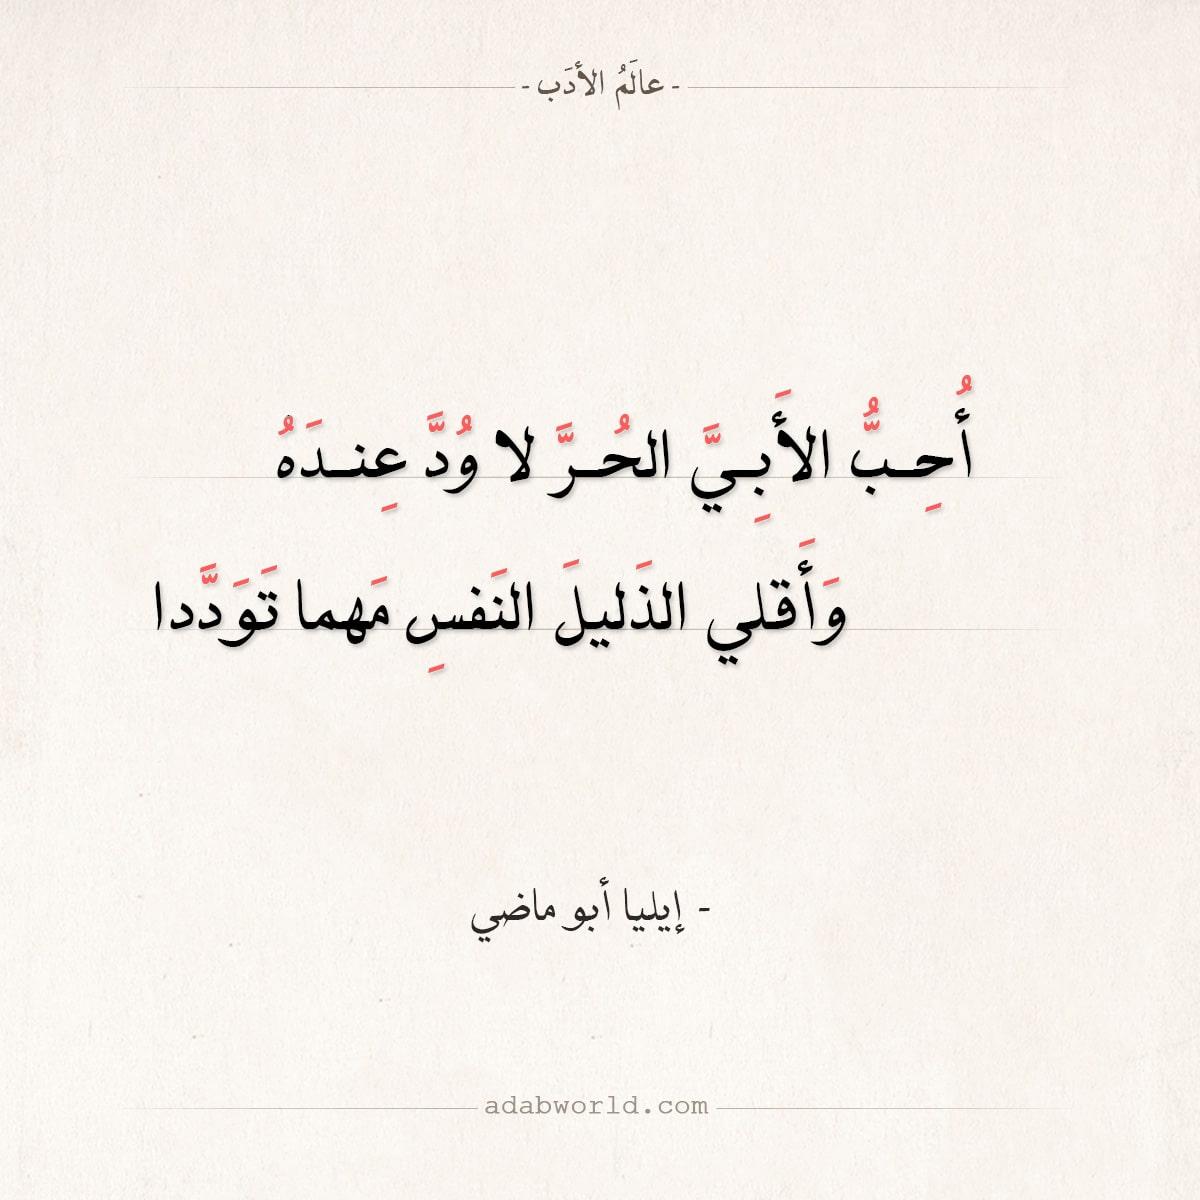 شعر إيليا أبو ماضي - أحب الأبي الحر لا ود عنده